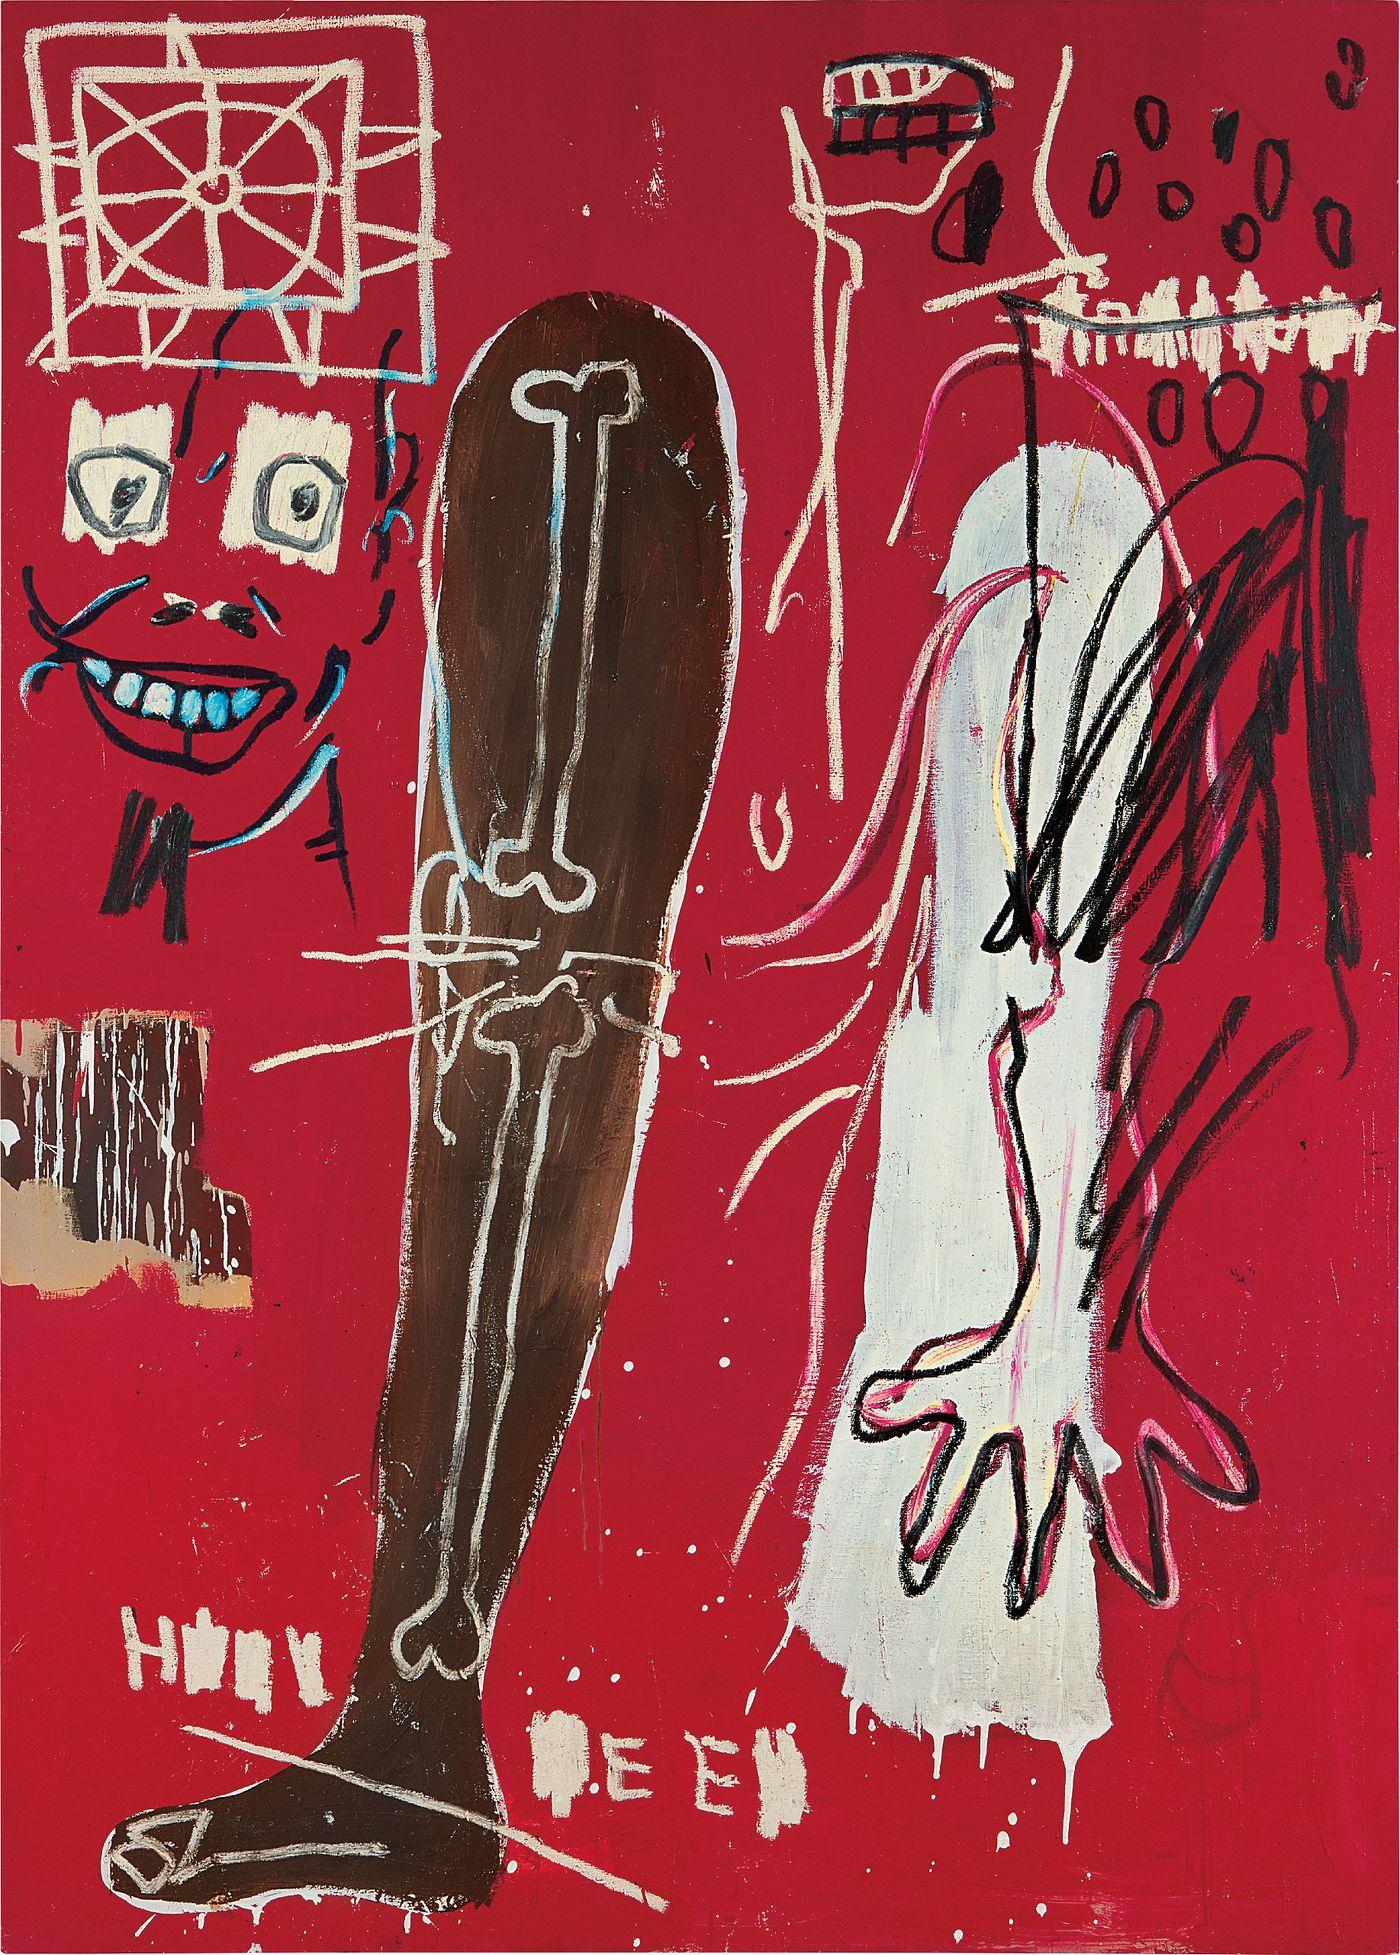 Phillips Breaking It Down Jean Michel Basquiats Untitled